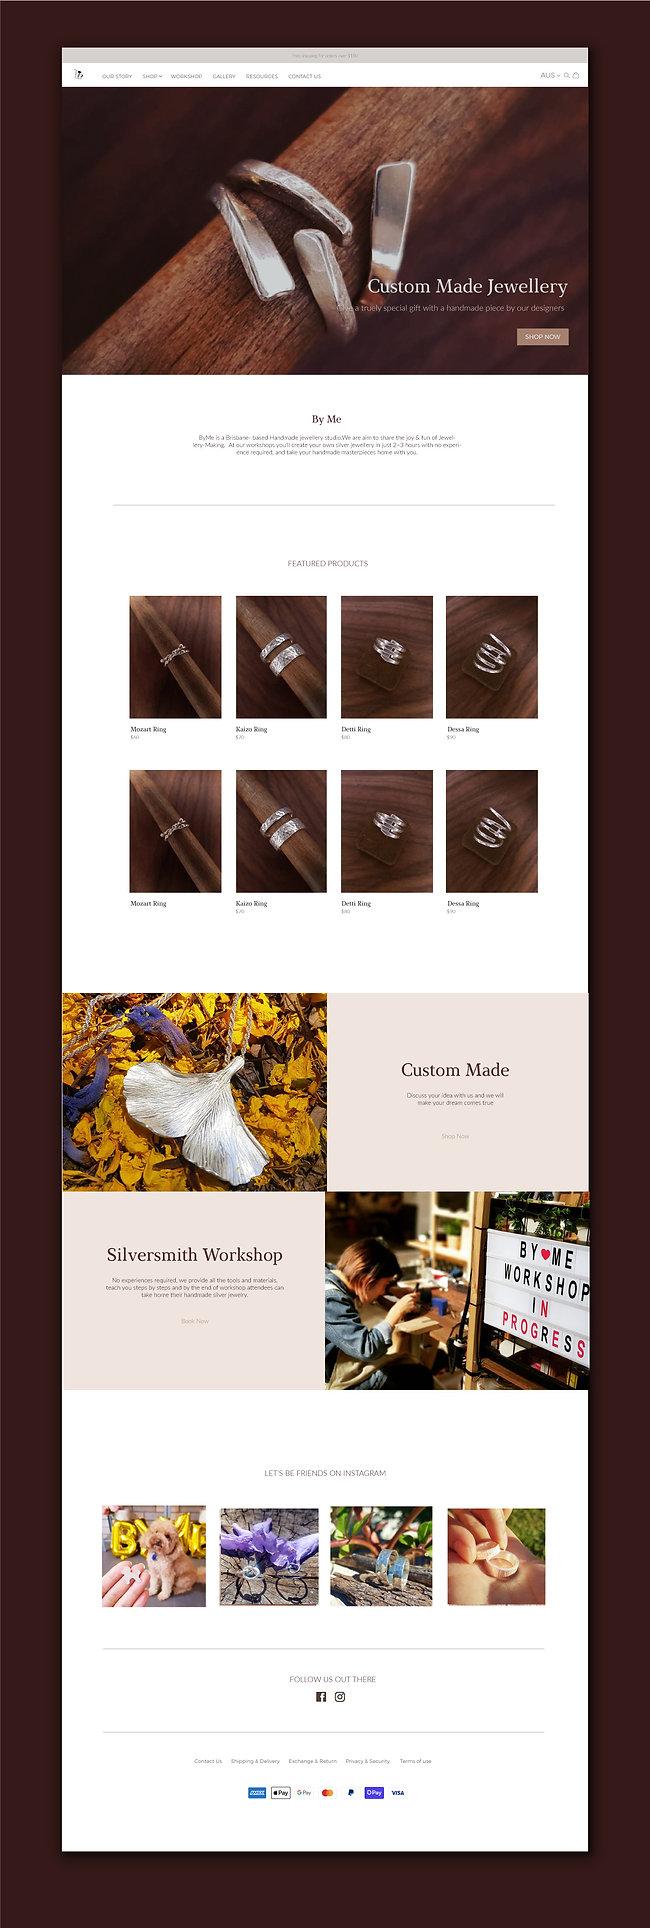 ByMe-webmockup.jpg